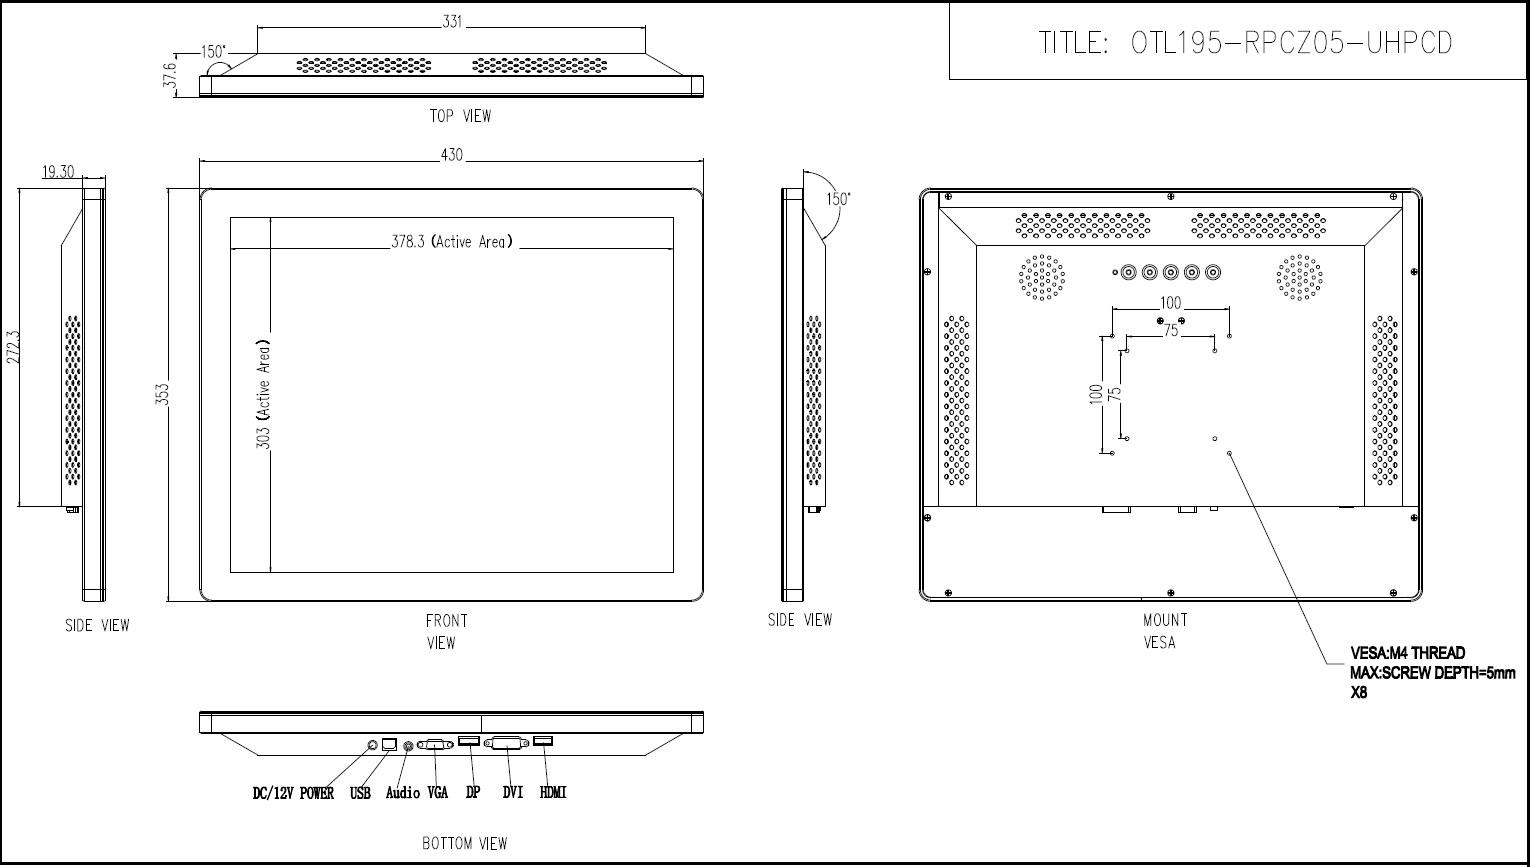 19型 キャビネット タッチパネルモニター 投影型静電容量方式 組込